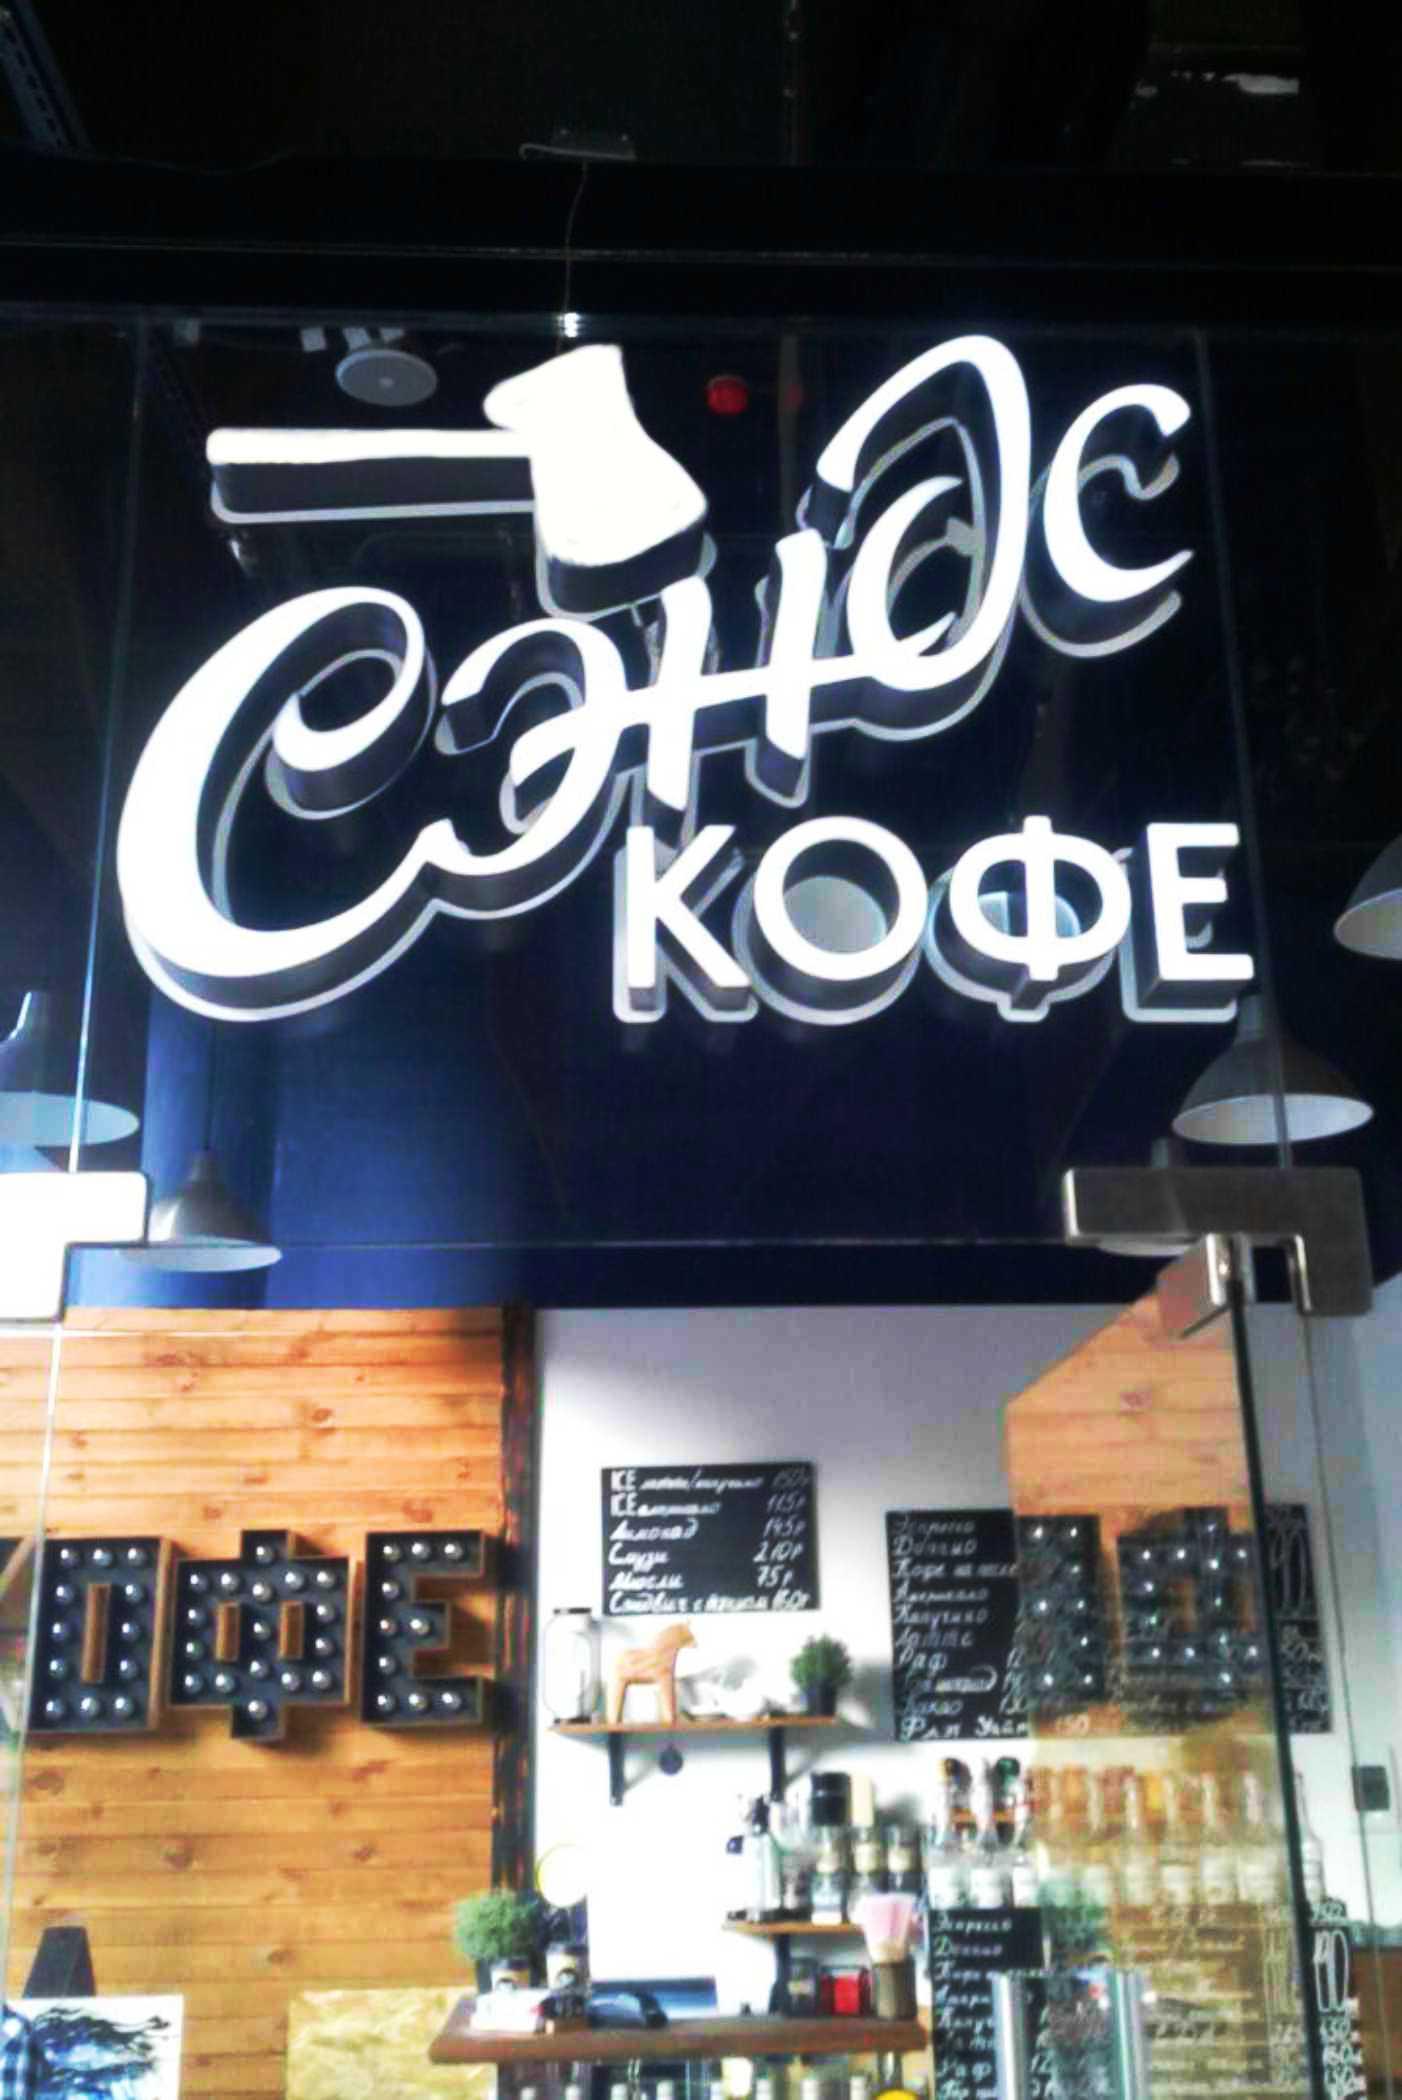 Выполнен заказ на световые буквы для наружной рекламы кофейни в бизнес-центре Ростова-на-Дону.